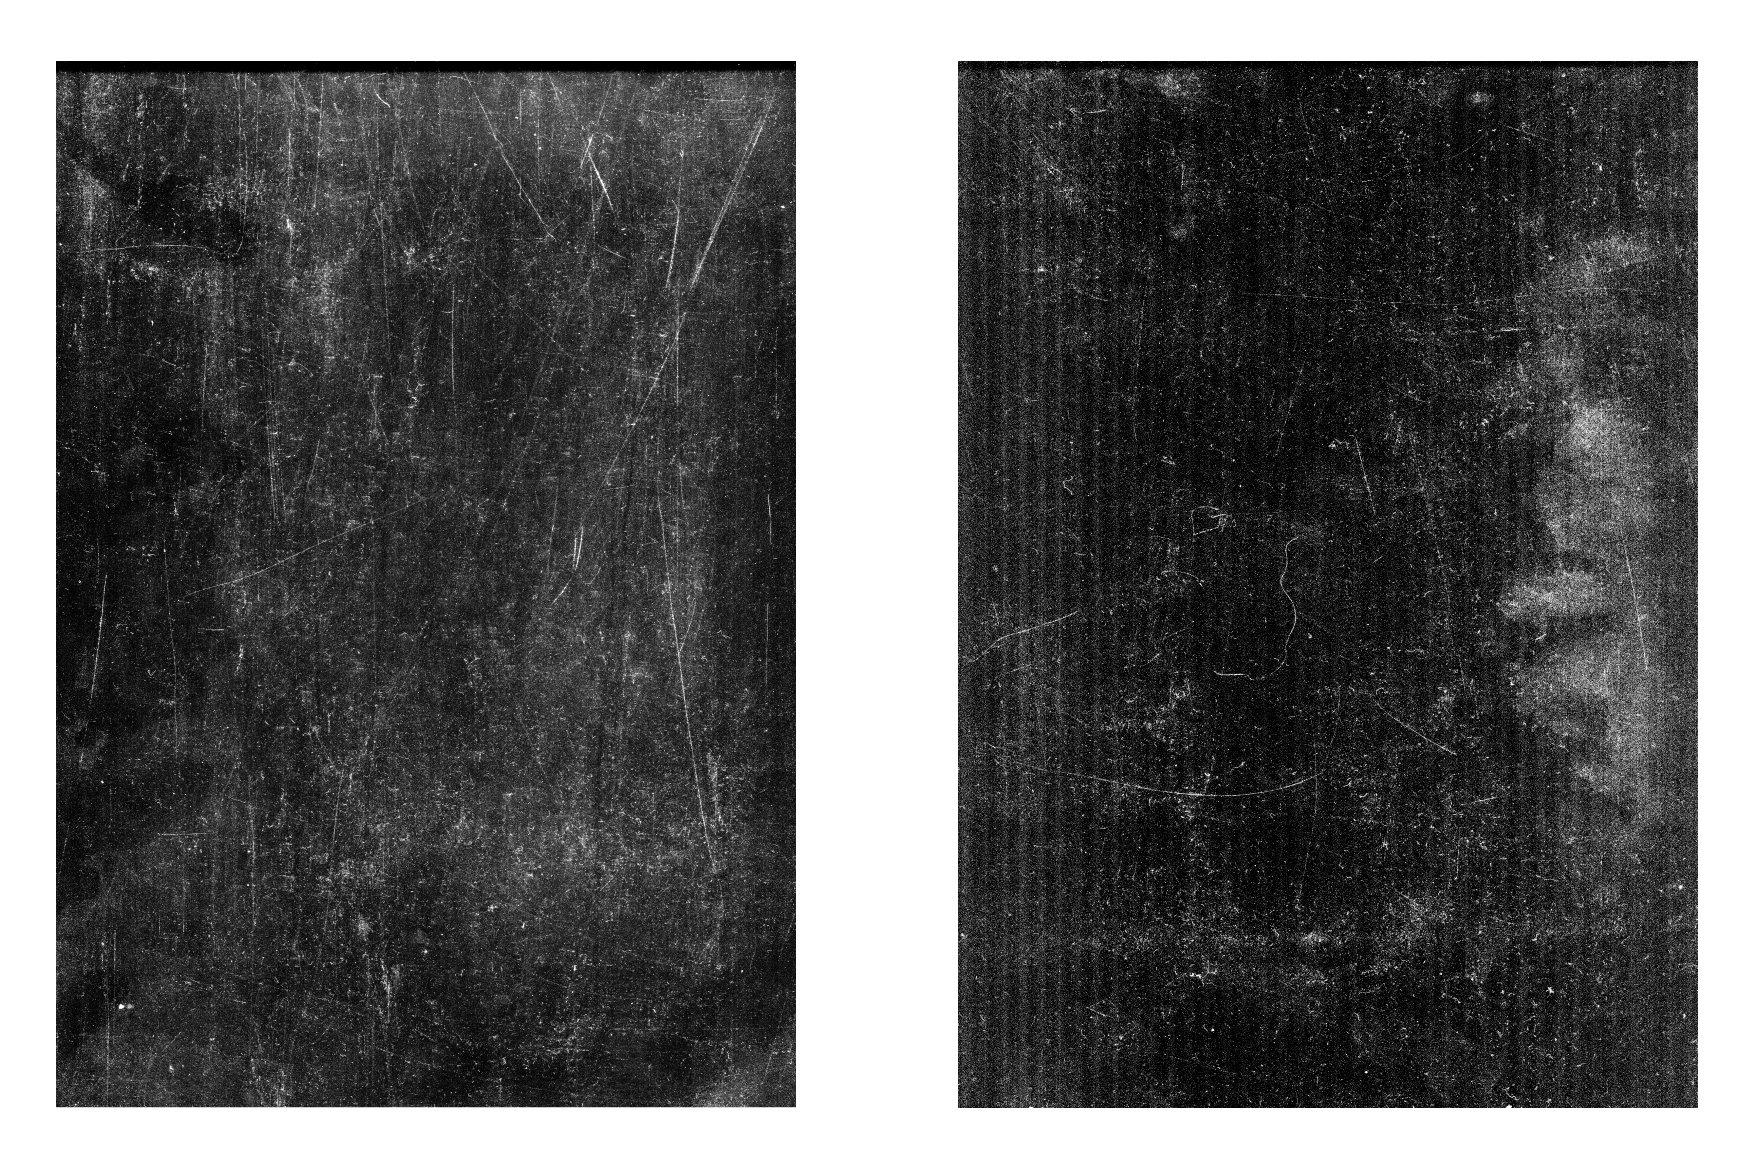 156款复古做旧折痕磨损褶皱纸张背景纹理素材合集 The Grunge Texture Bundle Vol. 1插图(60)